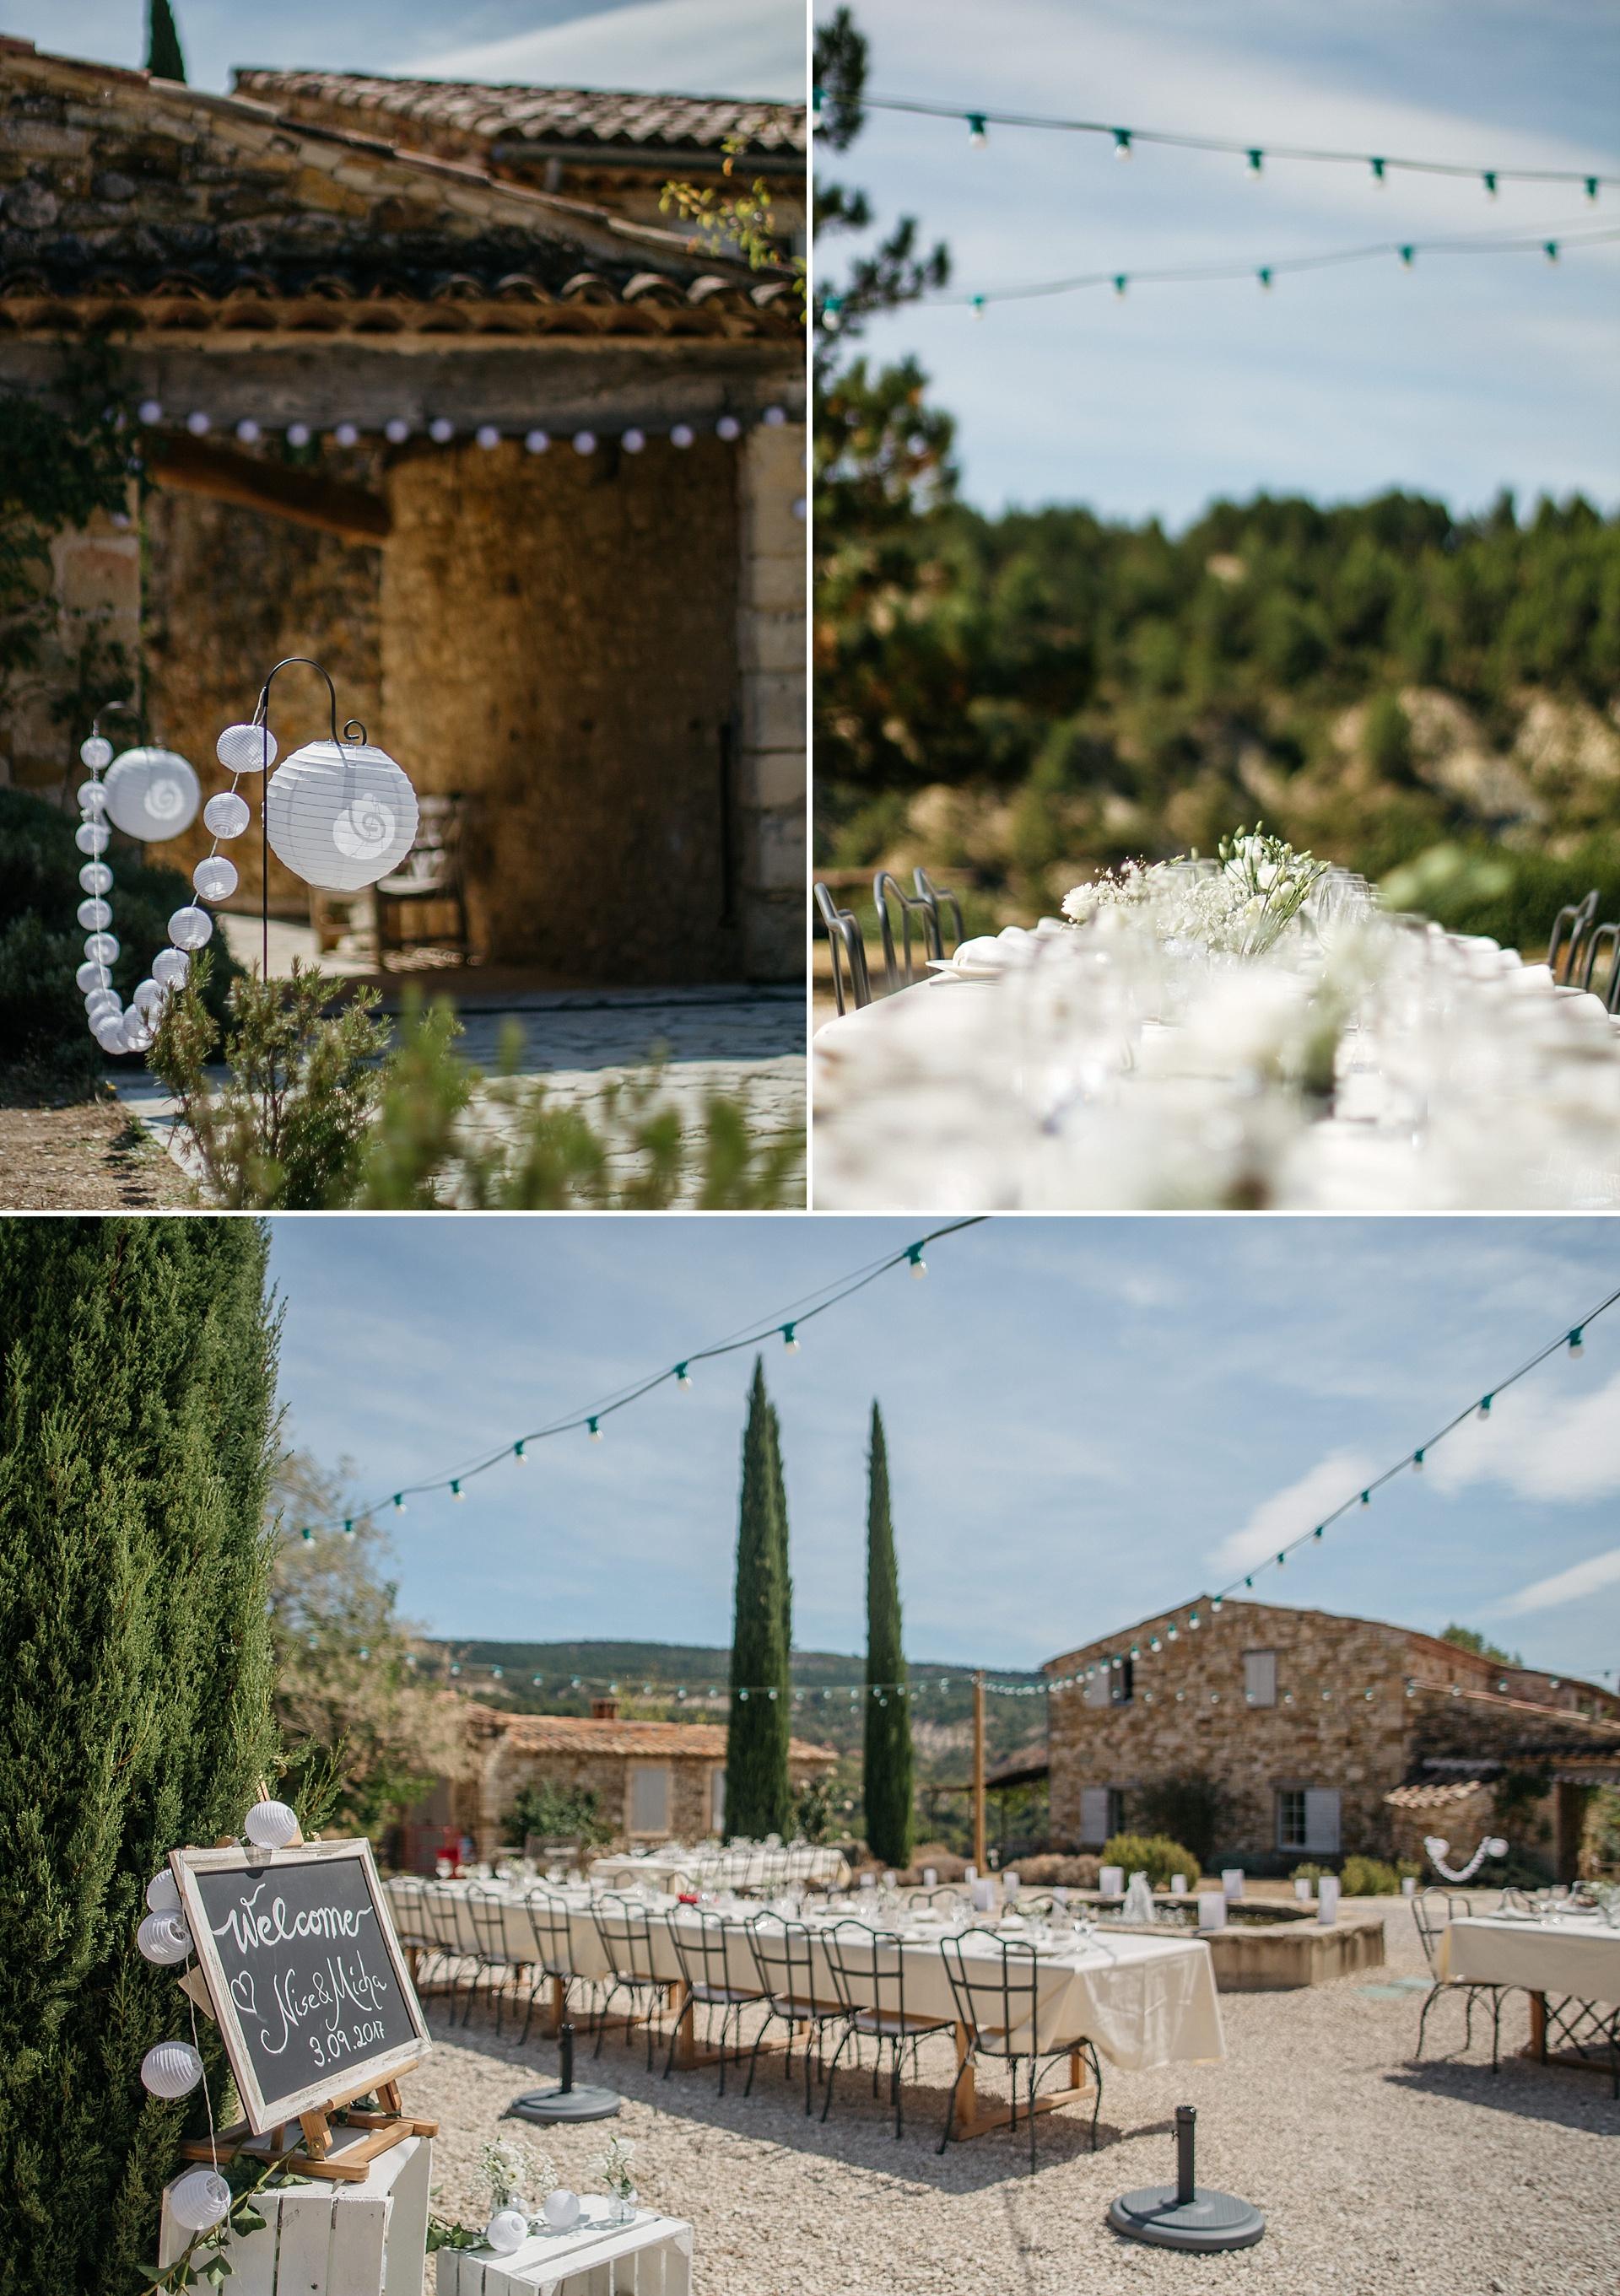 Traumhafte Hochzeit in der Provence. Hameau de Cournille. DIY. Mit viel Liebe zum Detail.